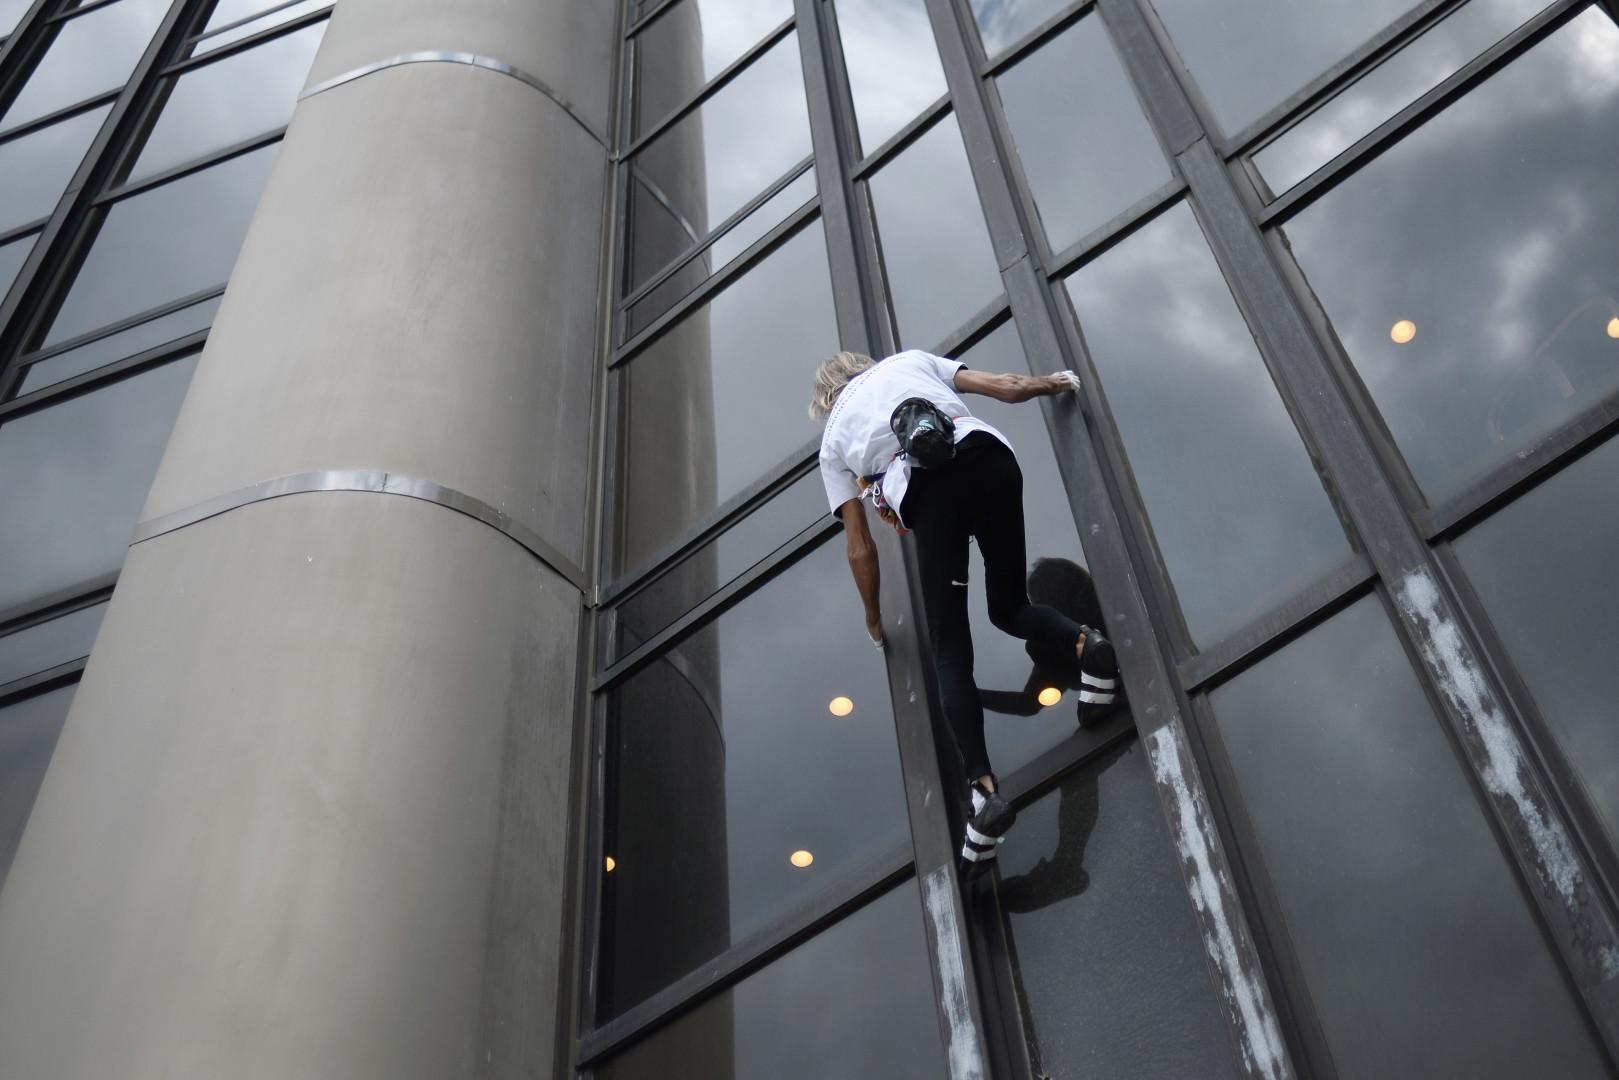 Alain Robert a déjà escaladé  la tour Montparnasse en 1995 et 2004.